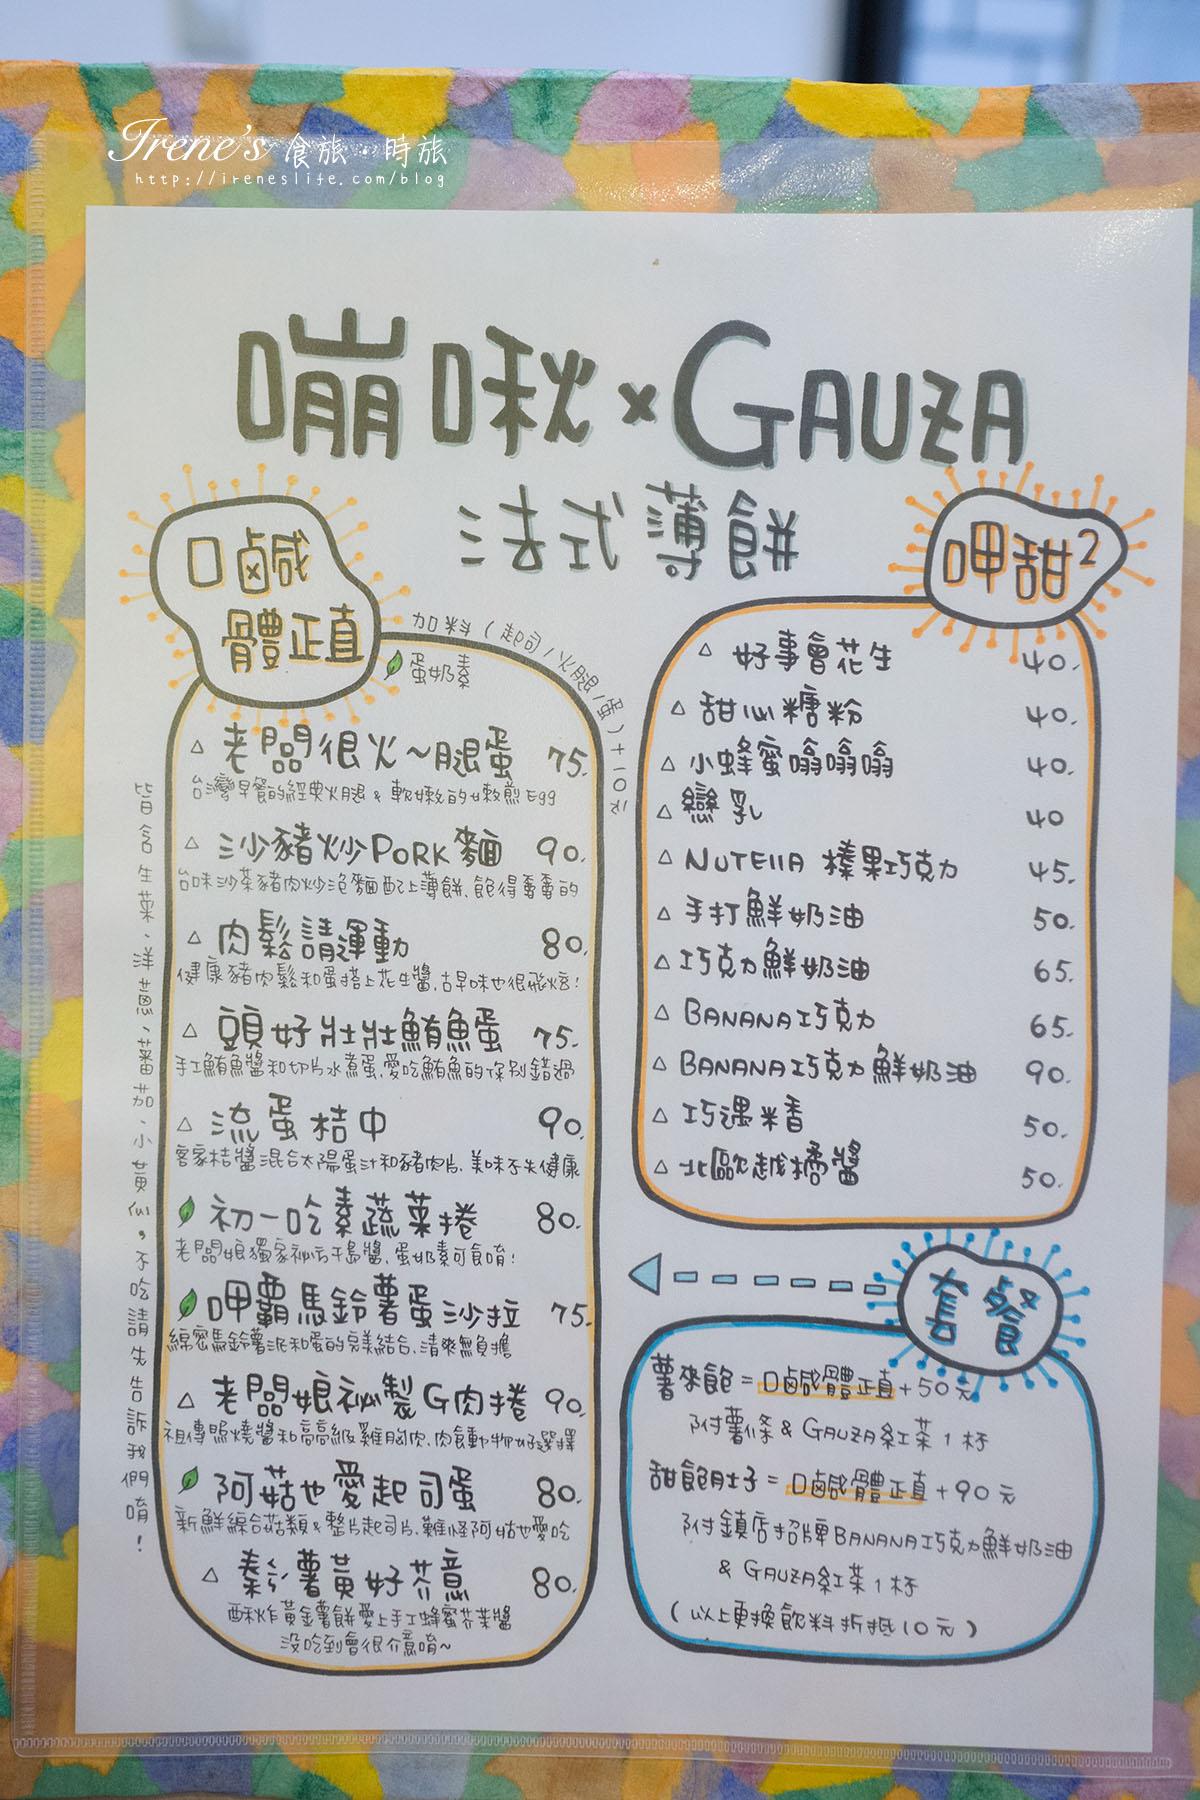 嘣啾 x GAUZA 法式薄餅